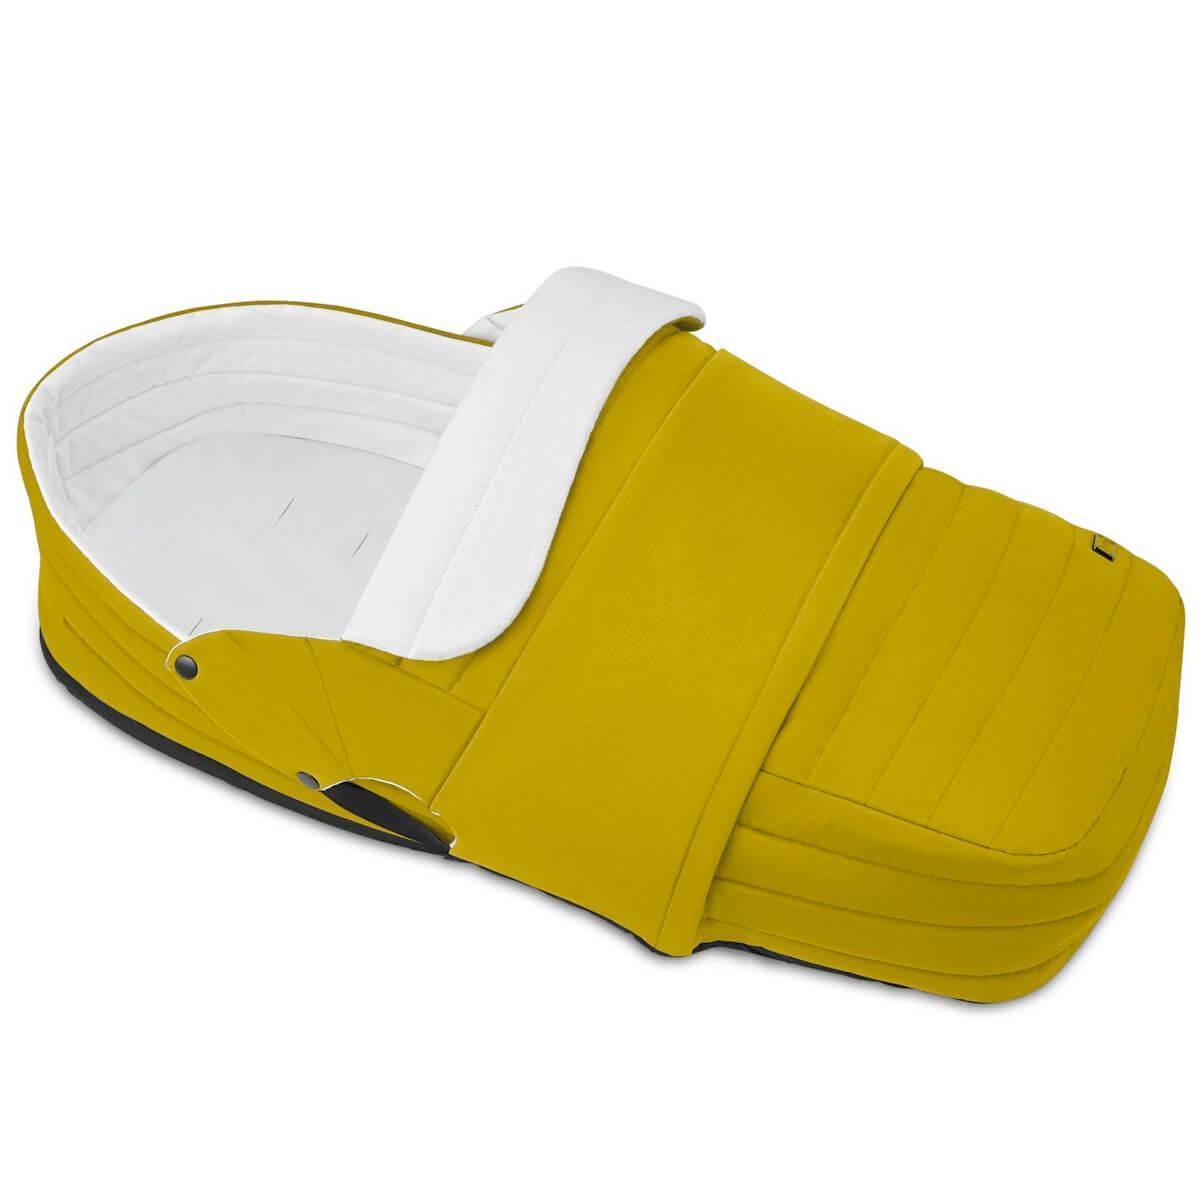 Capazo ligero PLATINUM Cybex Mustard yellow-yellow